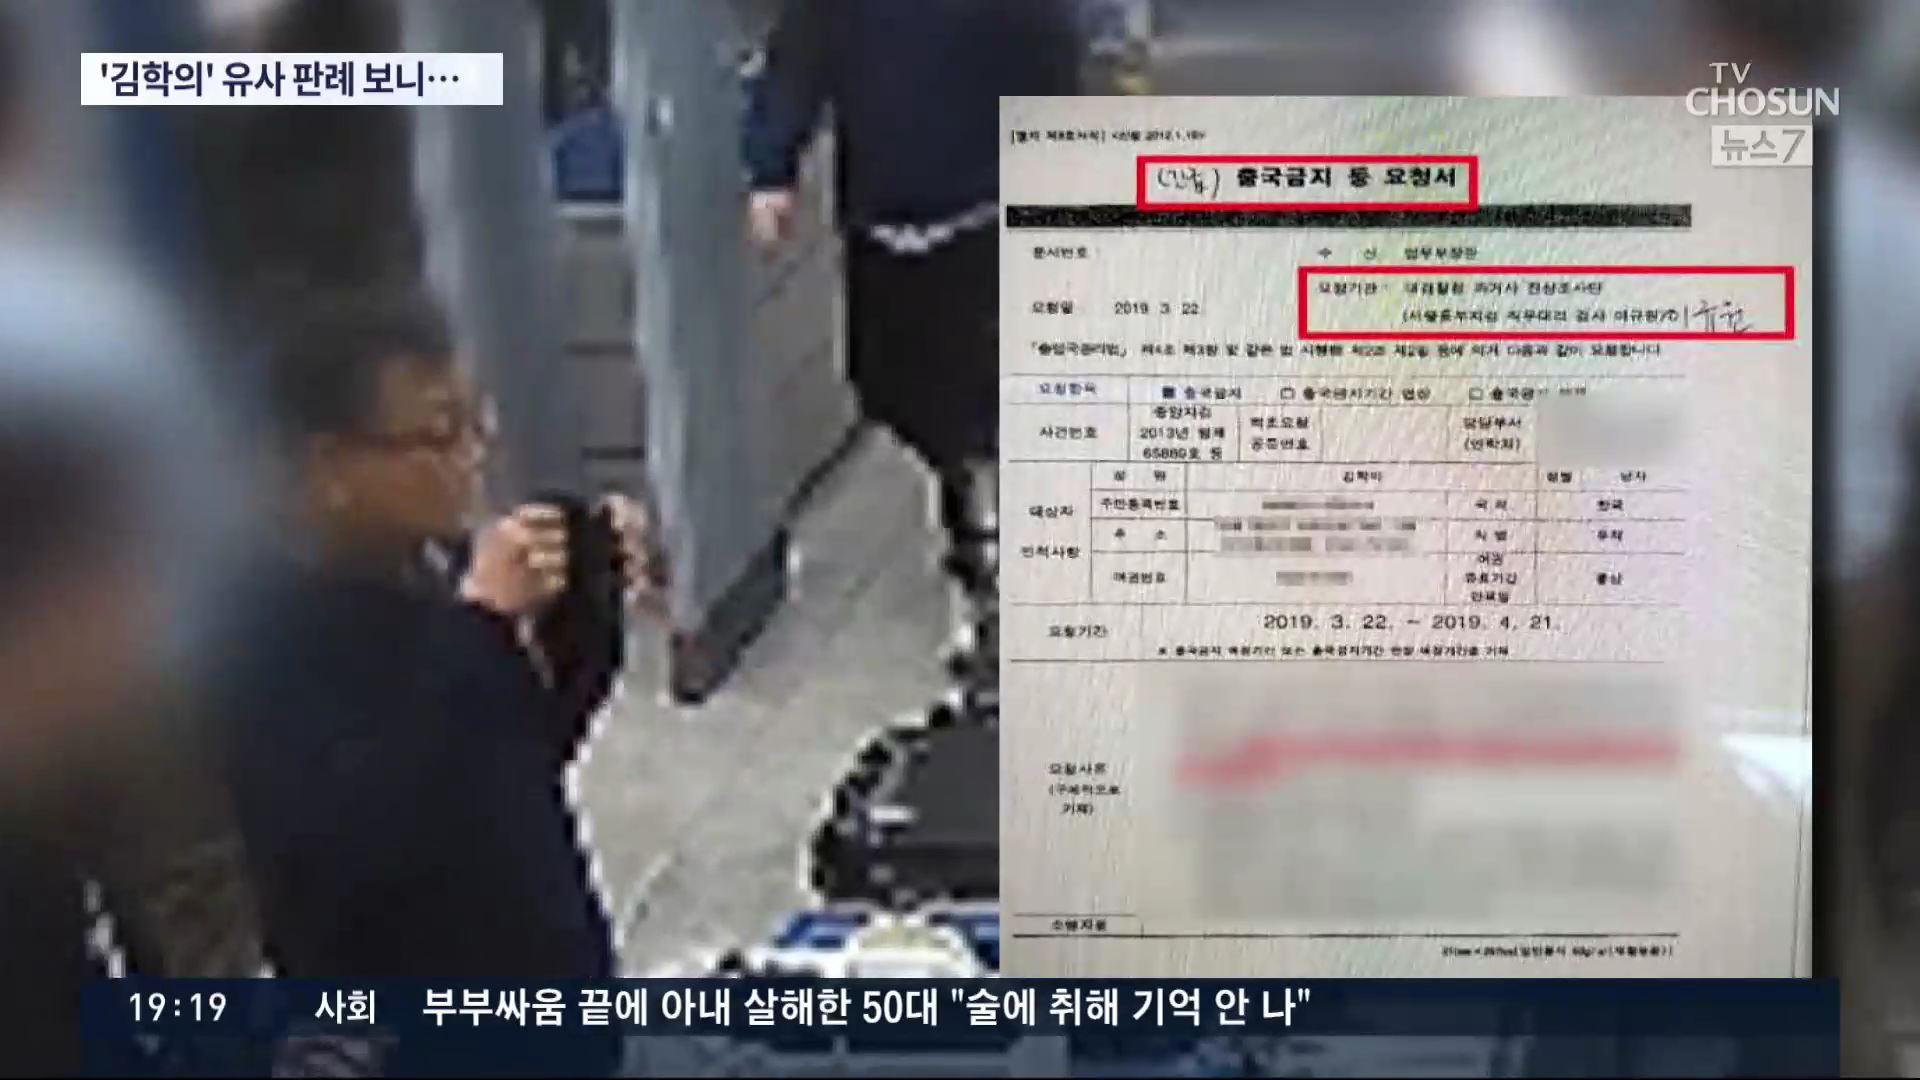 '허위 사건번호 기재' 경찰관은 벌금형…김학의 유사판례 보니